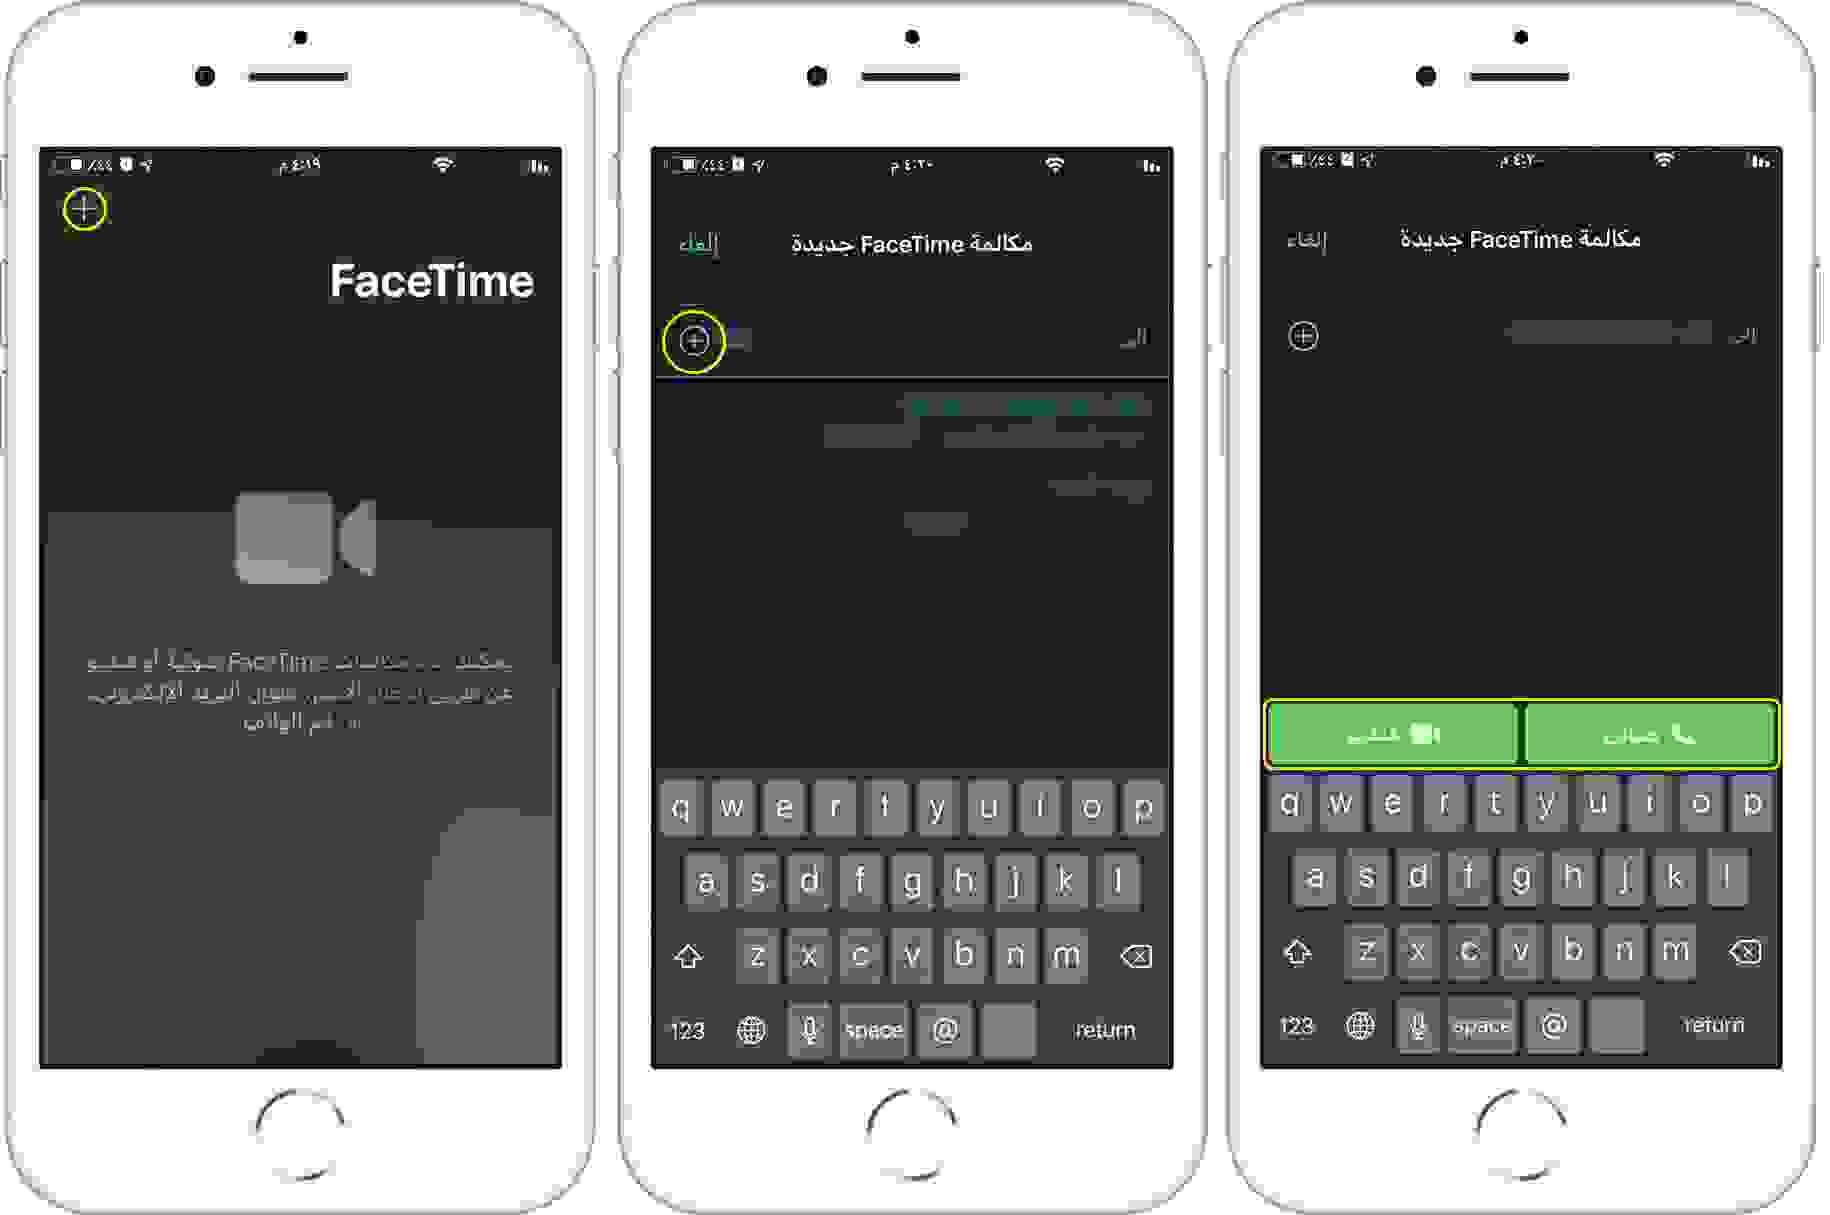 كيفية إجراء مكالمة صوتية أو فيديو باستخدام فيس تايم (FaceTime)